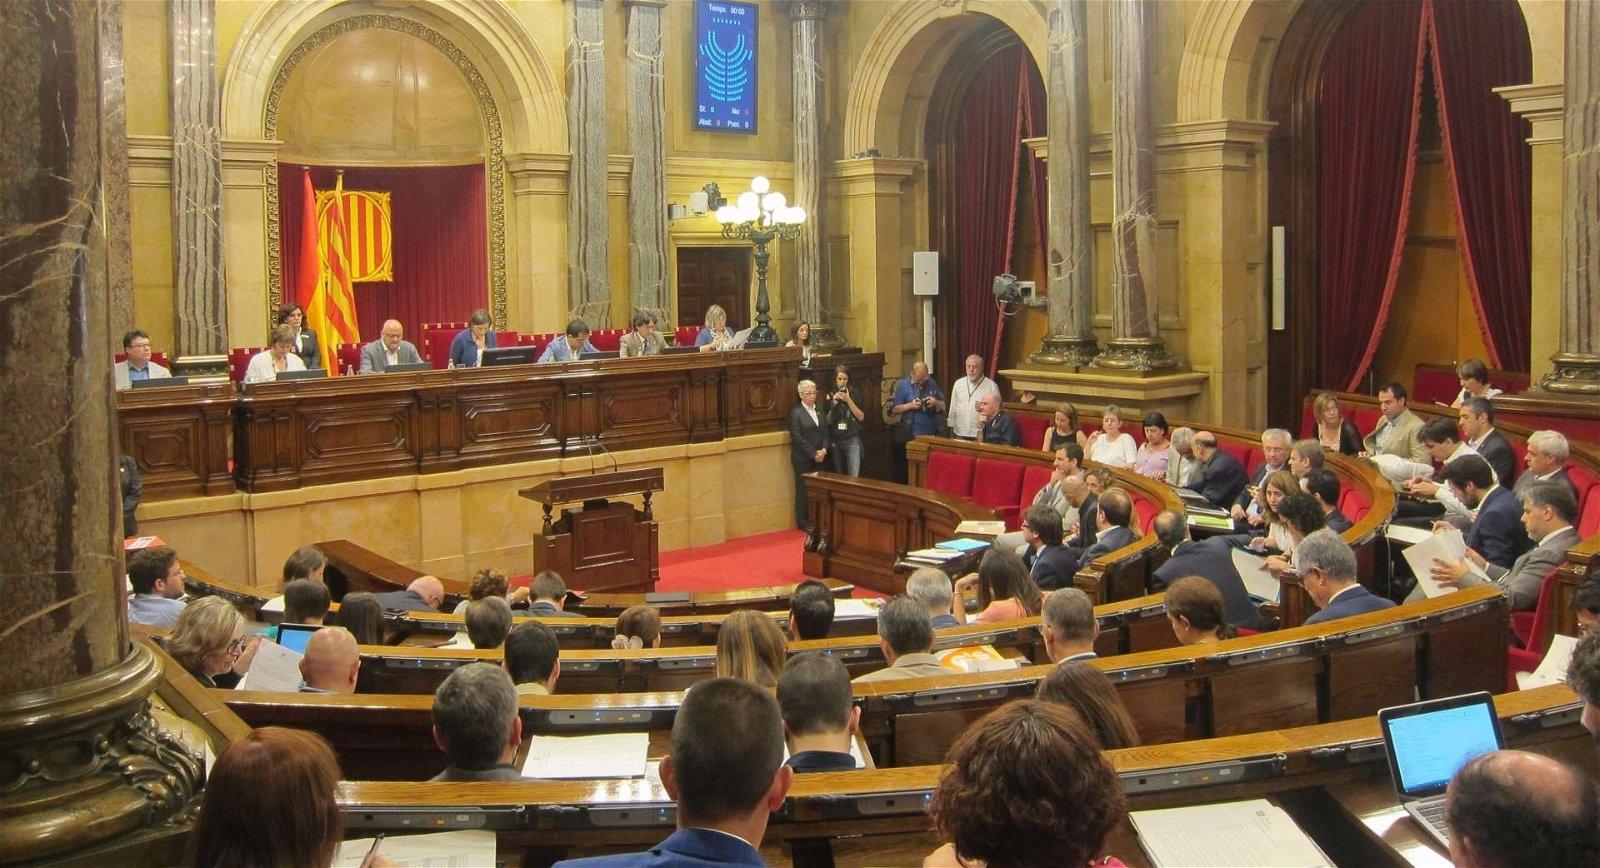 El Parlamento de Cataluña propone al Gobierno catalán impulsar el sector de los videojuegos